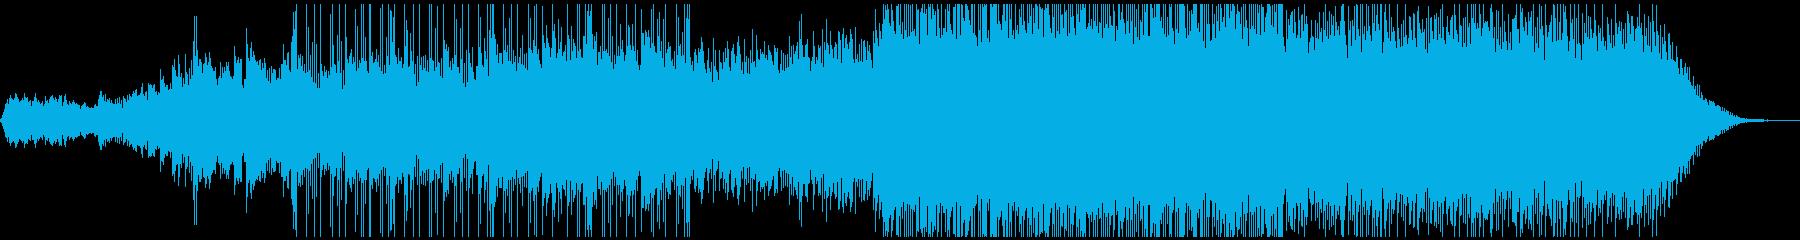 ピアノがきらきら綺麗なBGM2の再生済みの波形